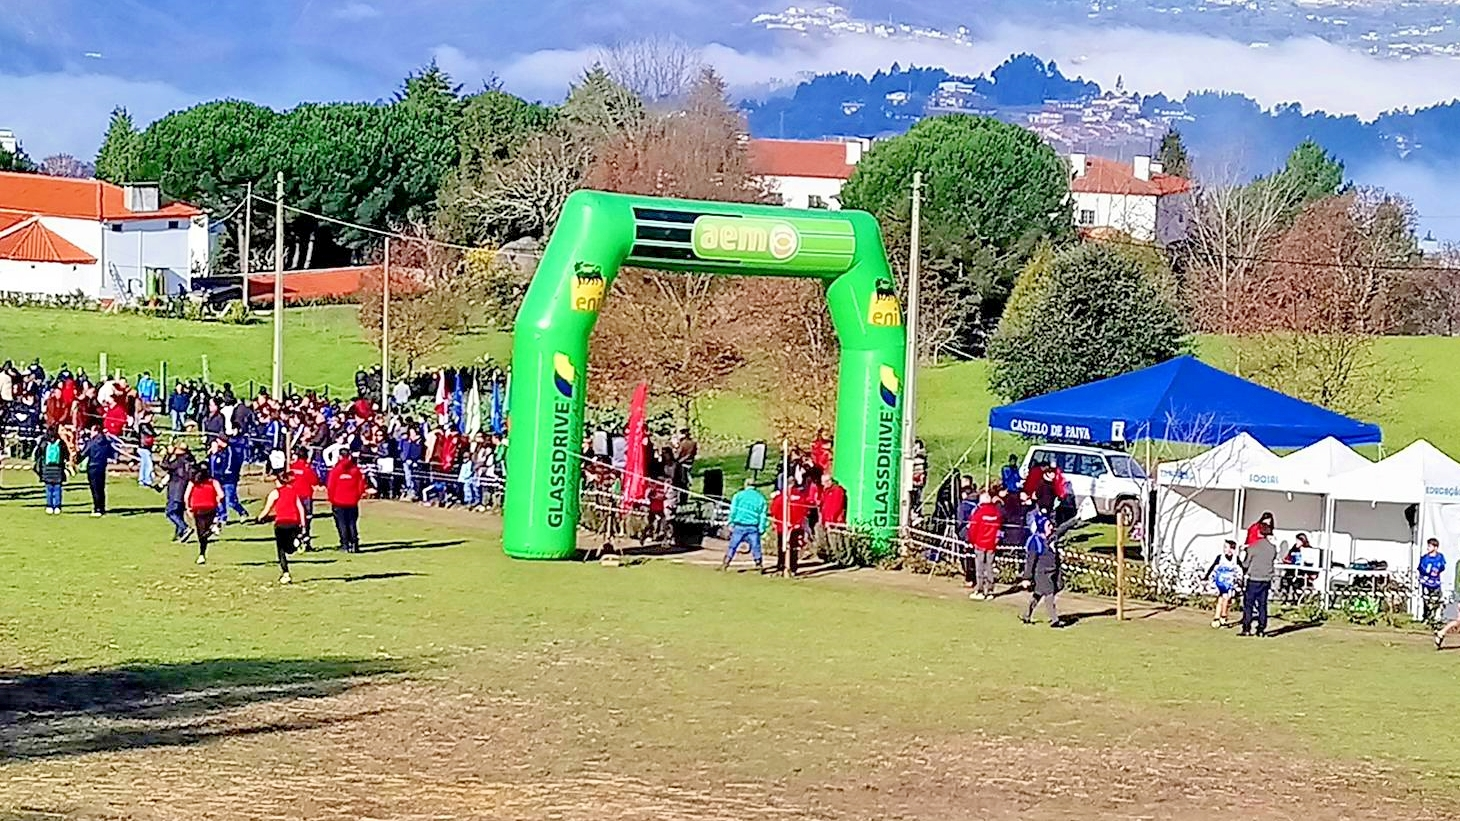 380a8b5da Cerca de 500 atletas disputam o distrital de corta mato em Castelo de Paiva